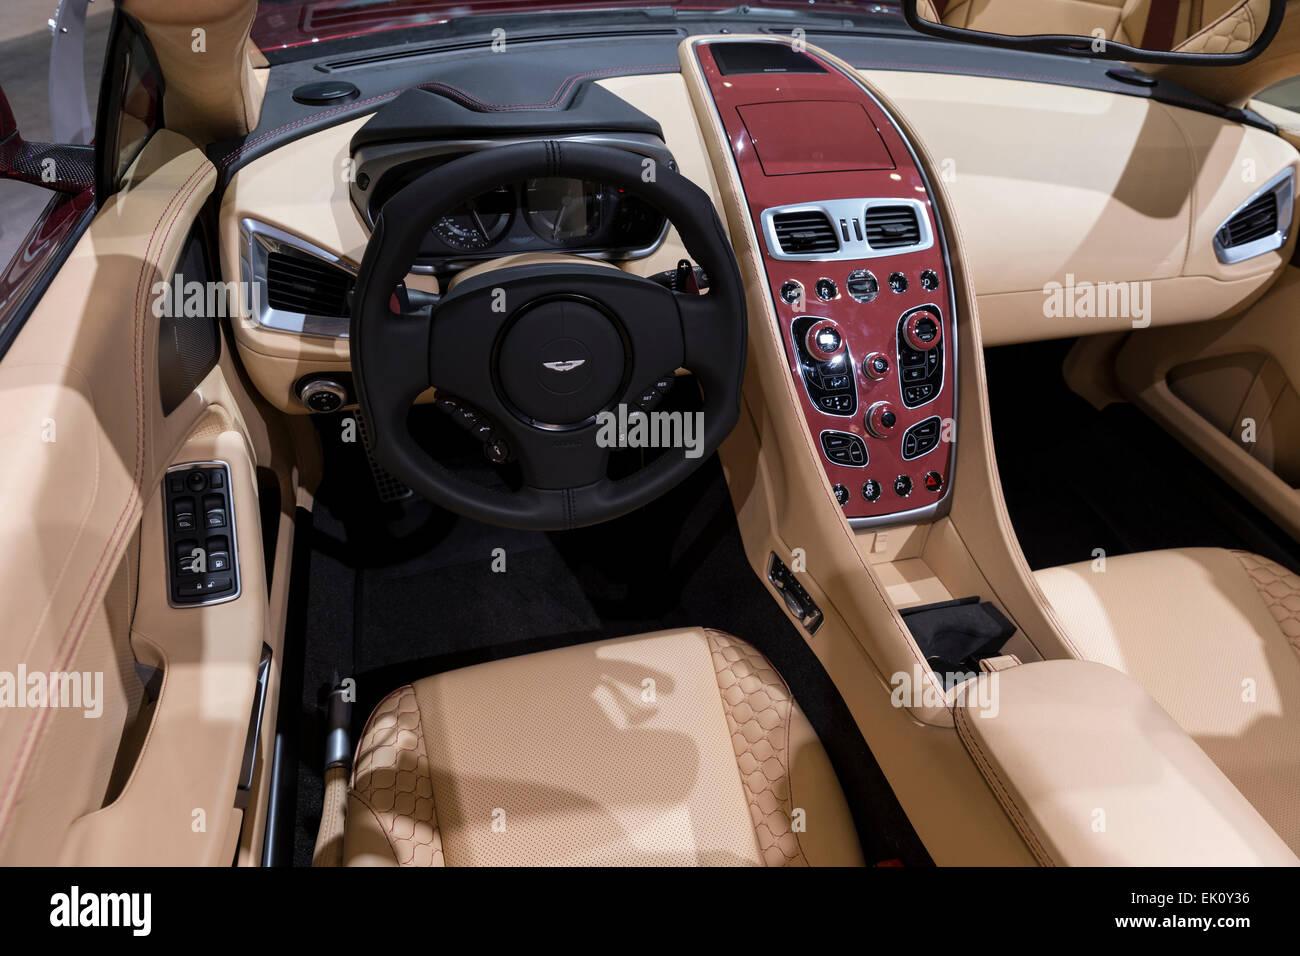 New York Ny 2 April 2015 Innenraum Des Aston Martin Vanquish Sportwagen Auf Dem Display An Der New York International Auto Show Im Javits Center Stockfotografie Alamy